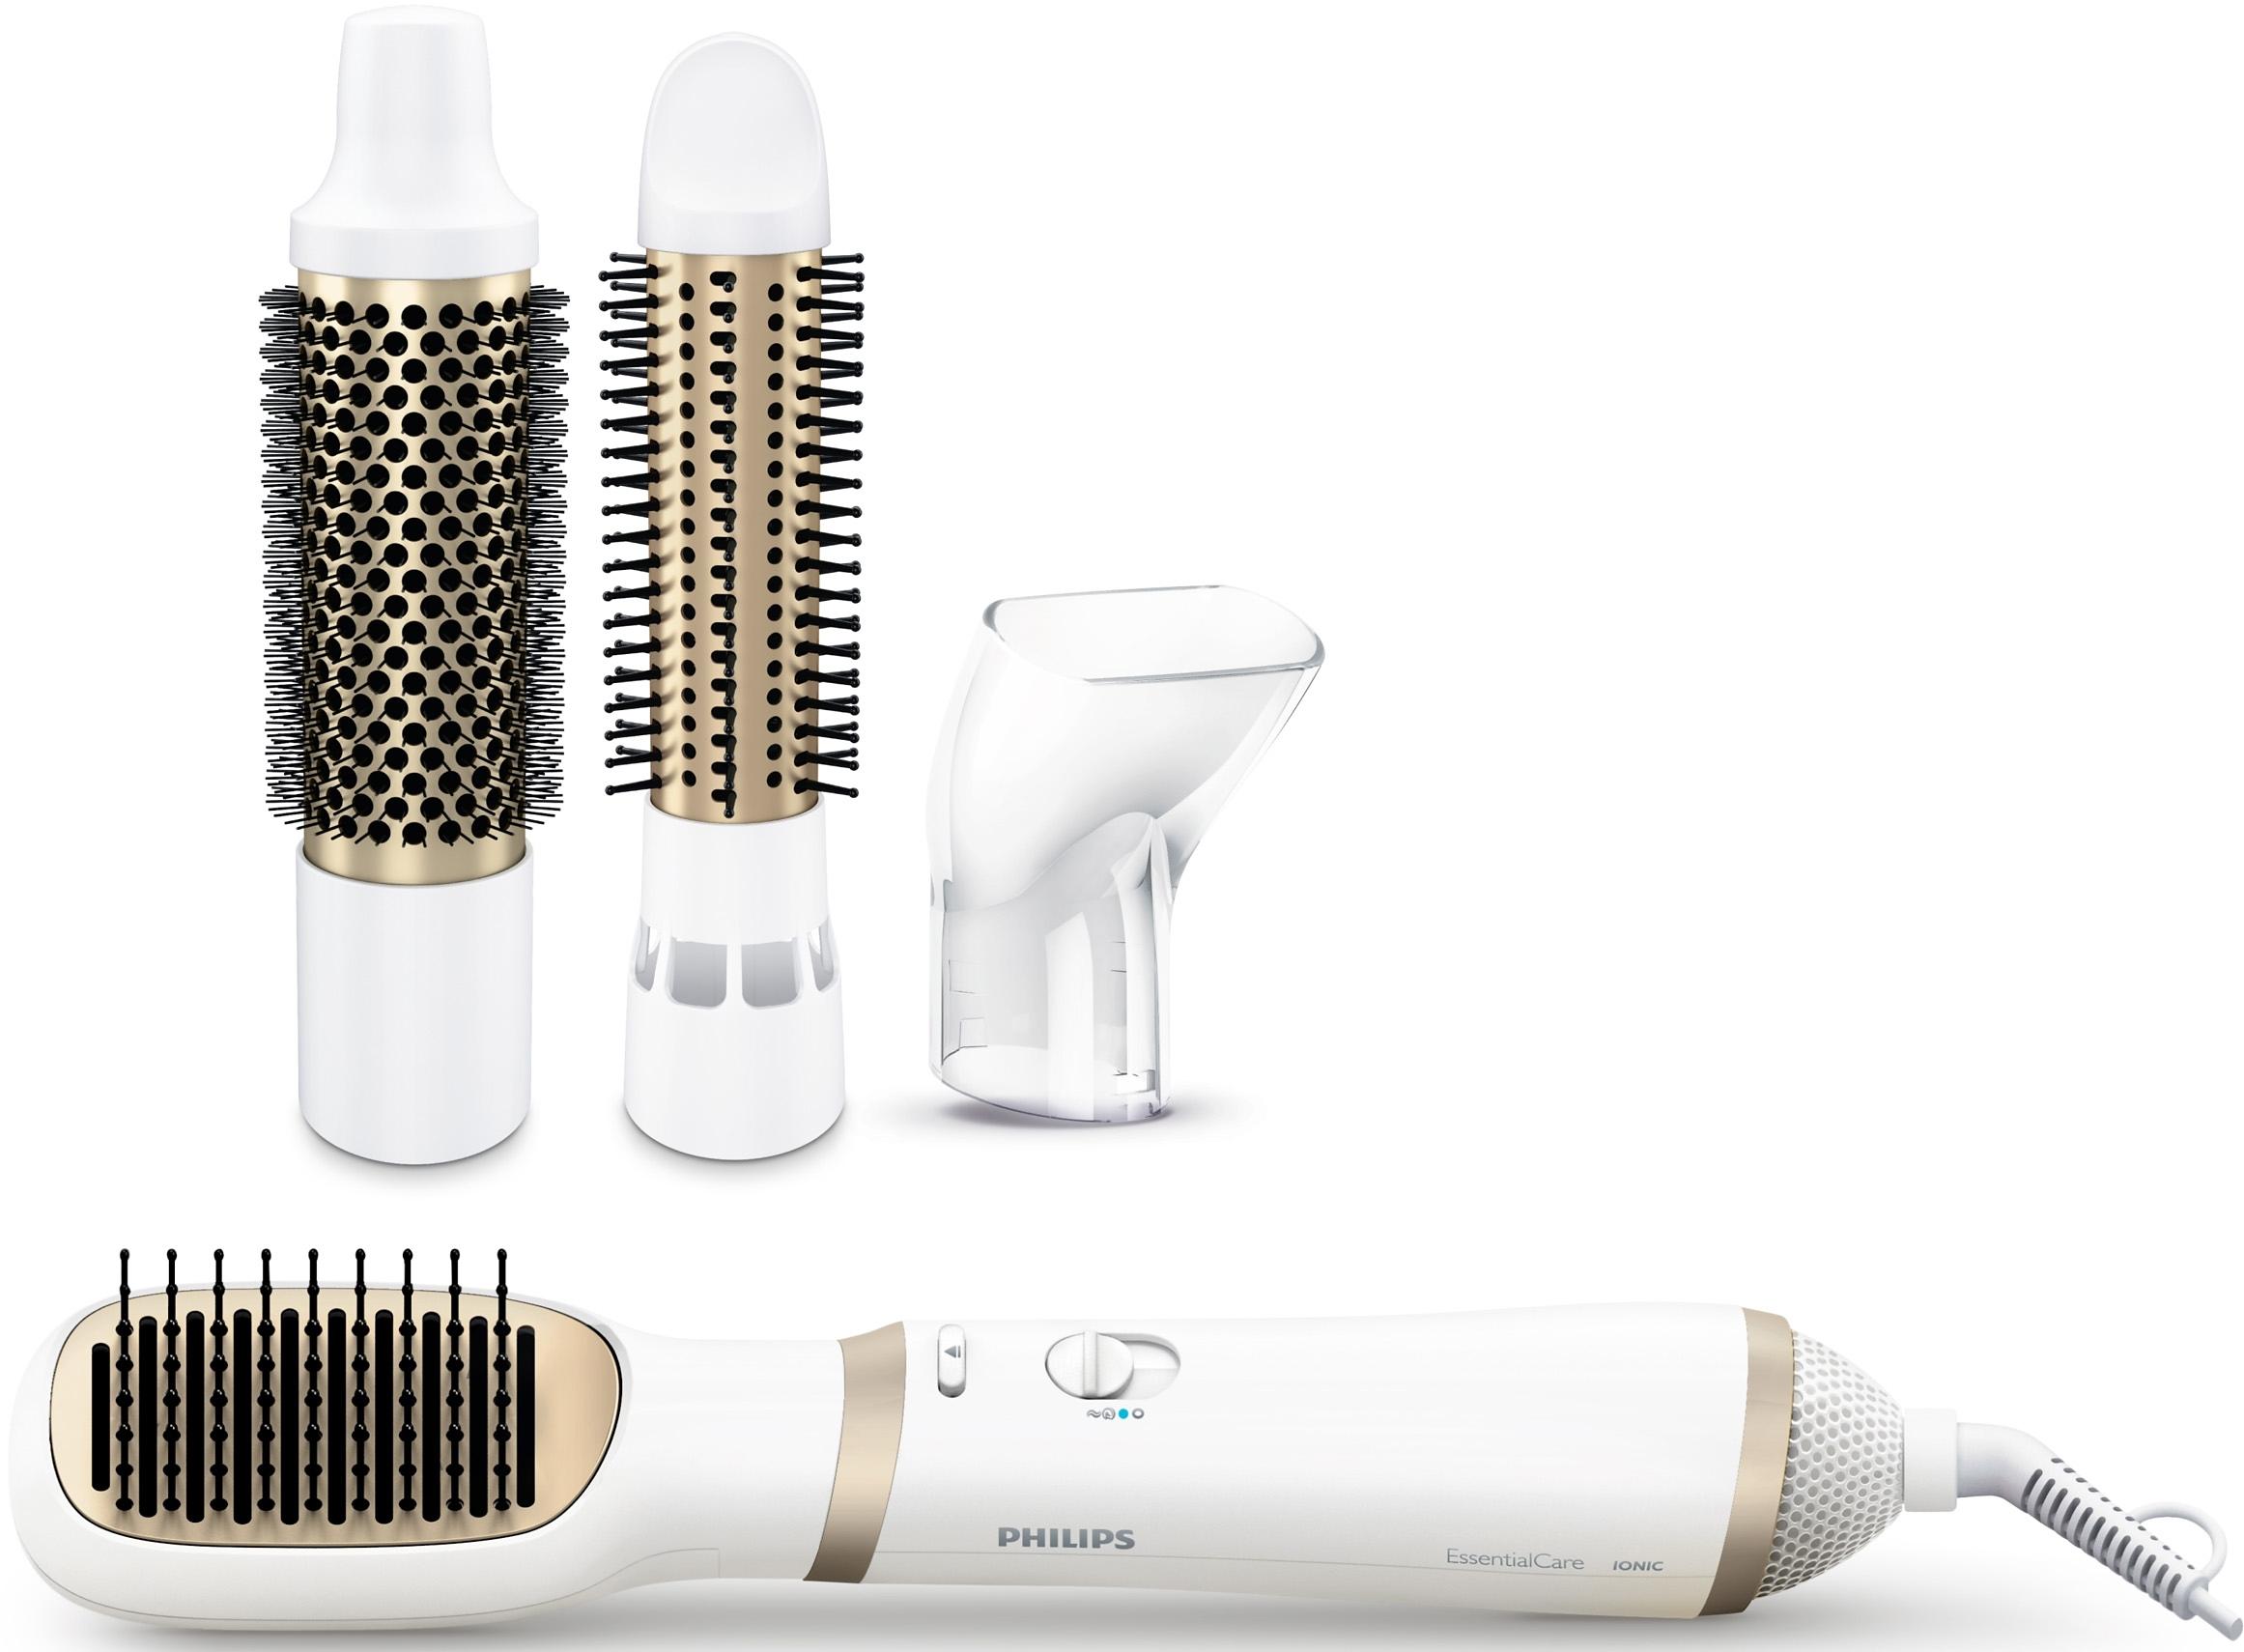 Philips Hairstyler HP8663/00 voordelig en veilig online kopen